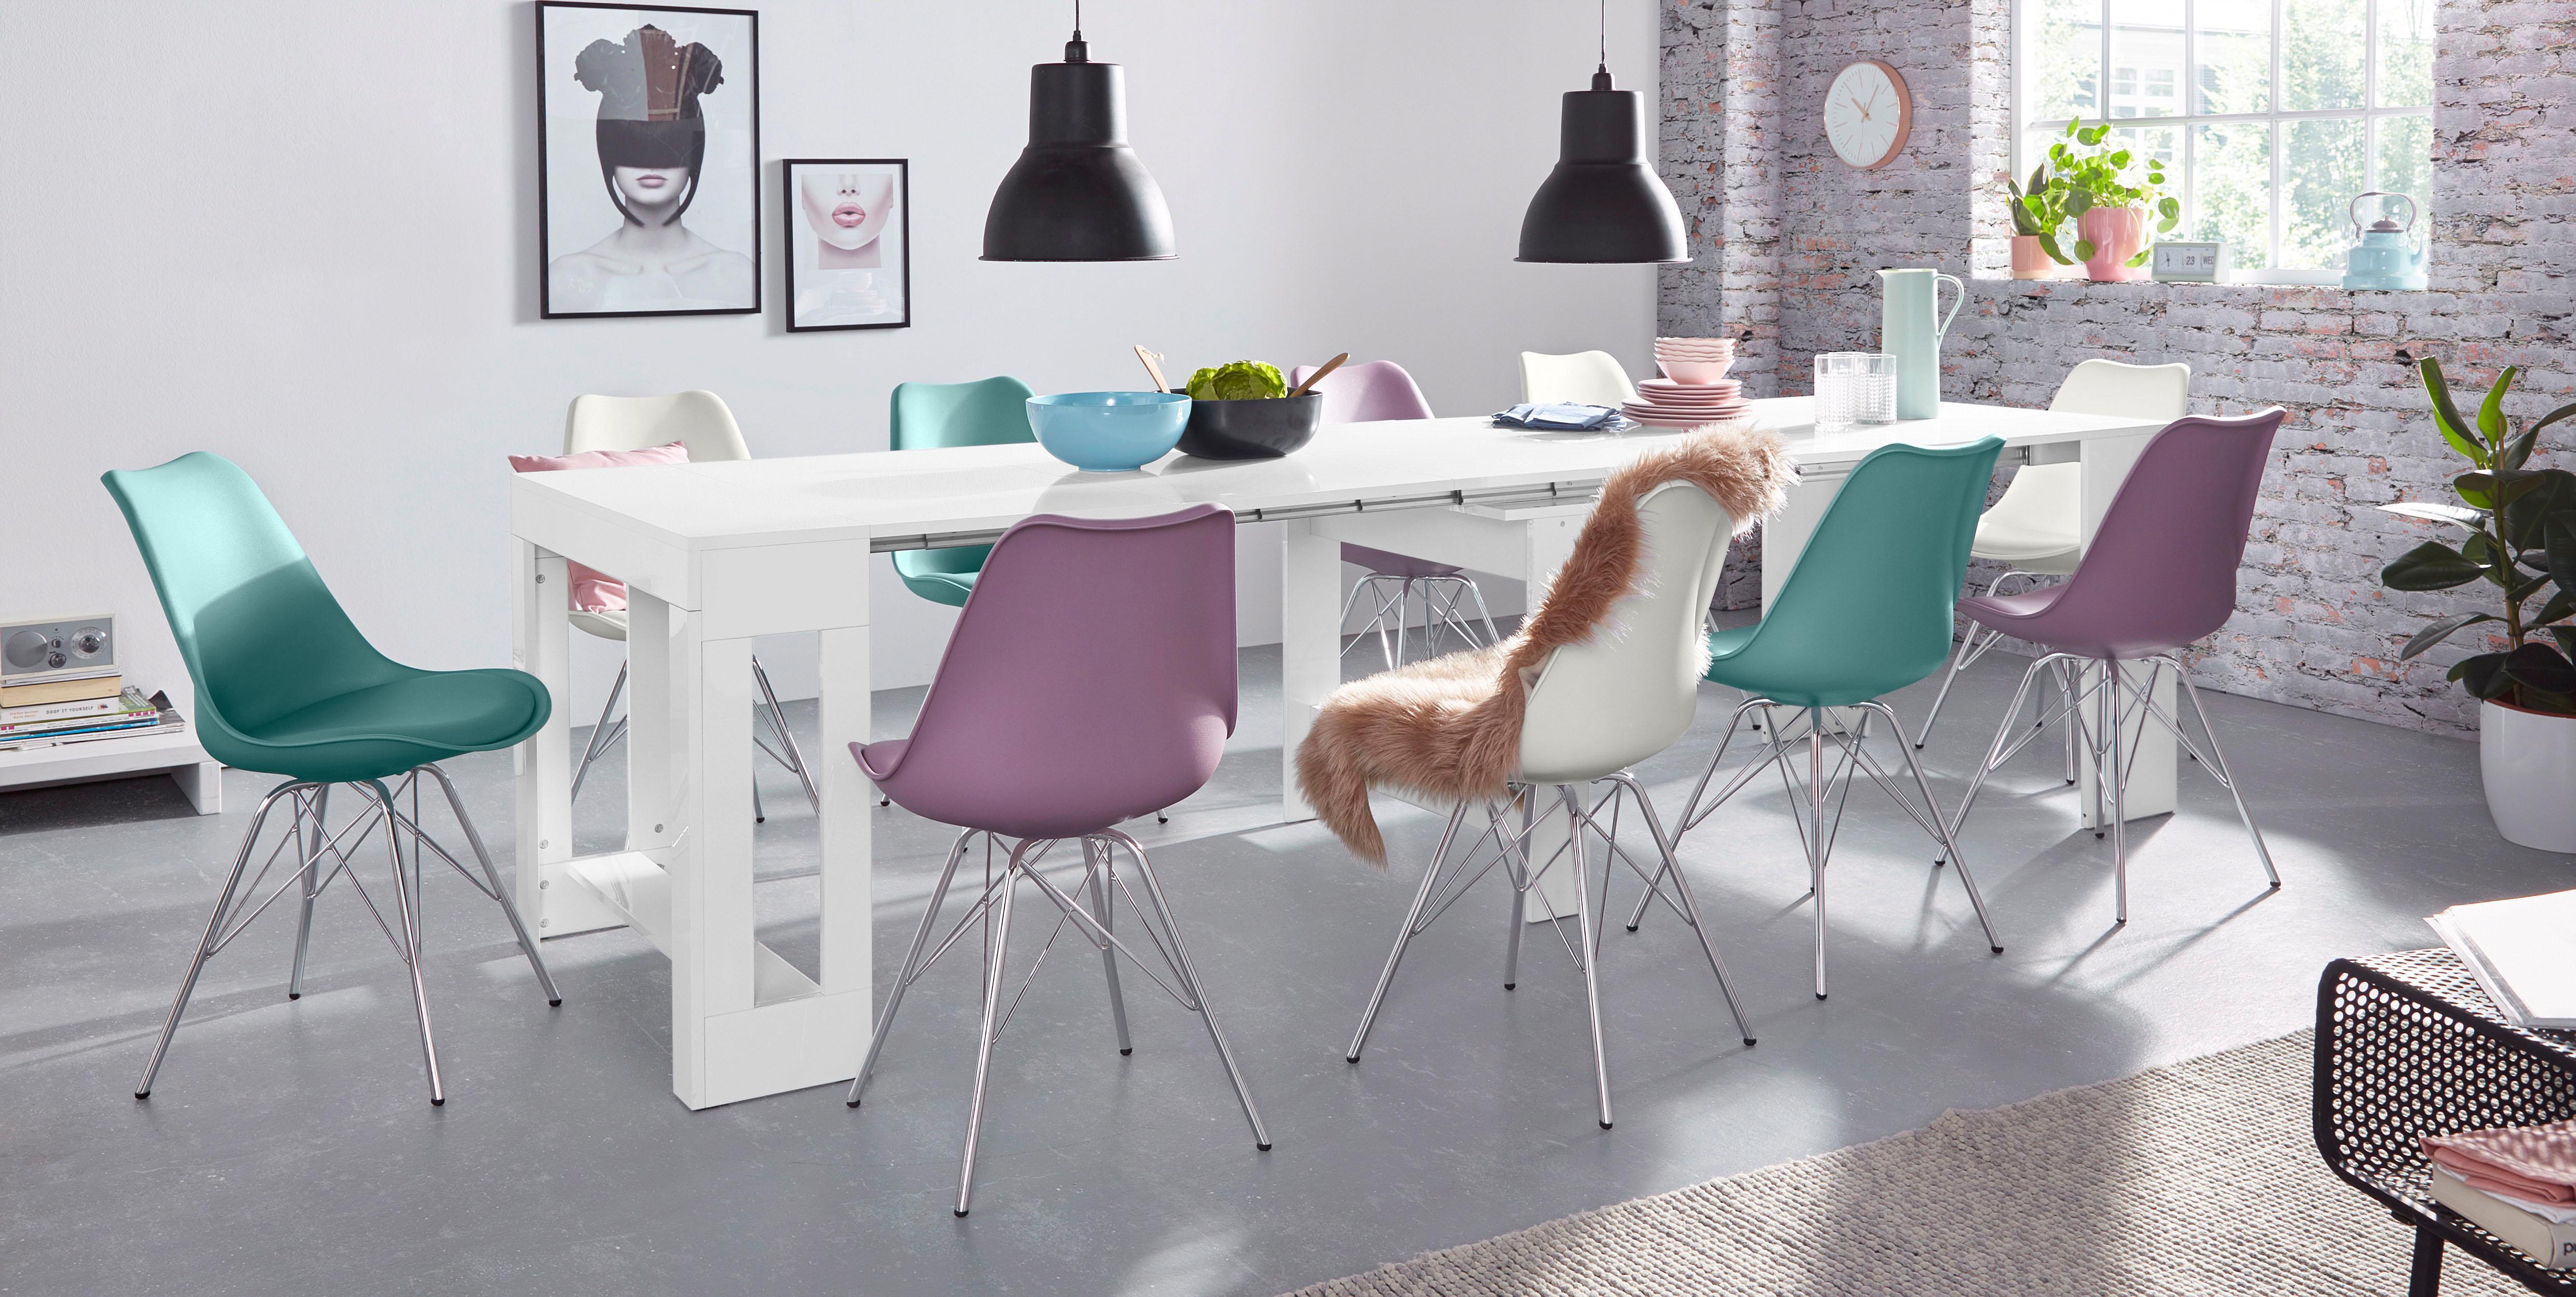 beton tisch ohne preise vergleichen und g nstig einkaufen bei der preis. Black Bedroom Furniture Sets. Home Design Ideas